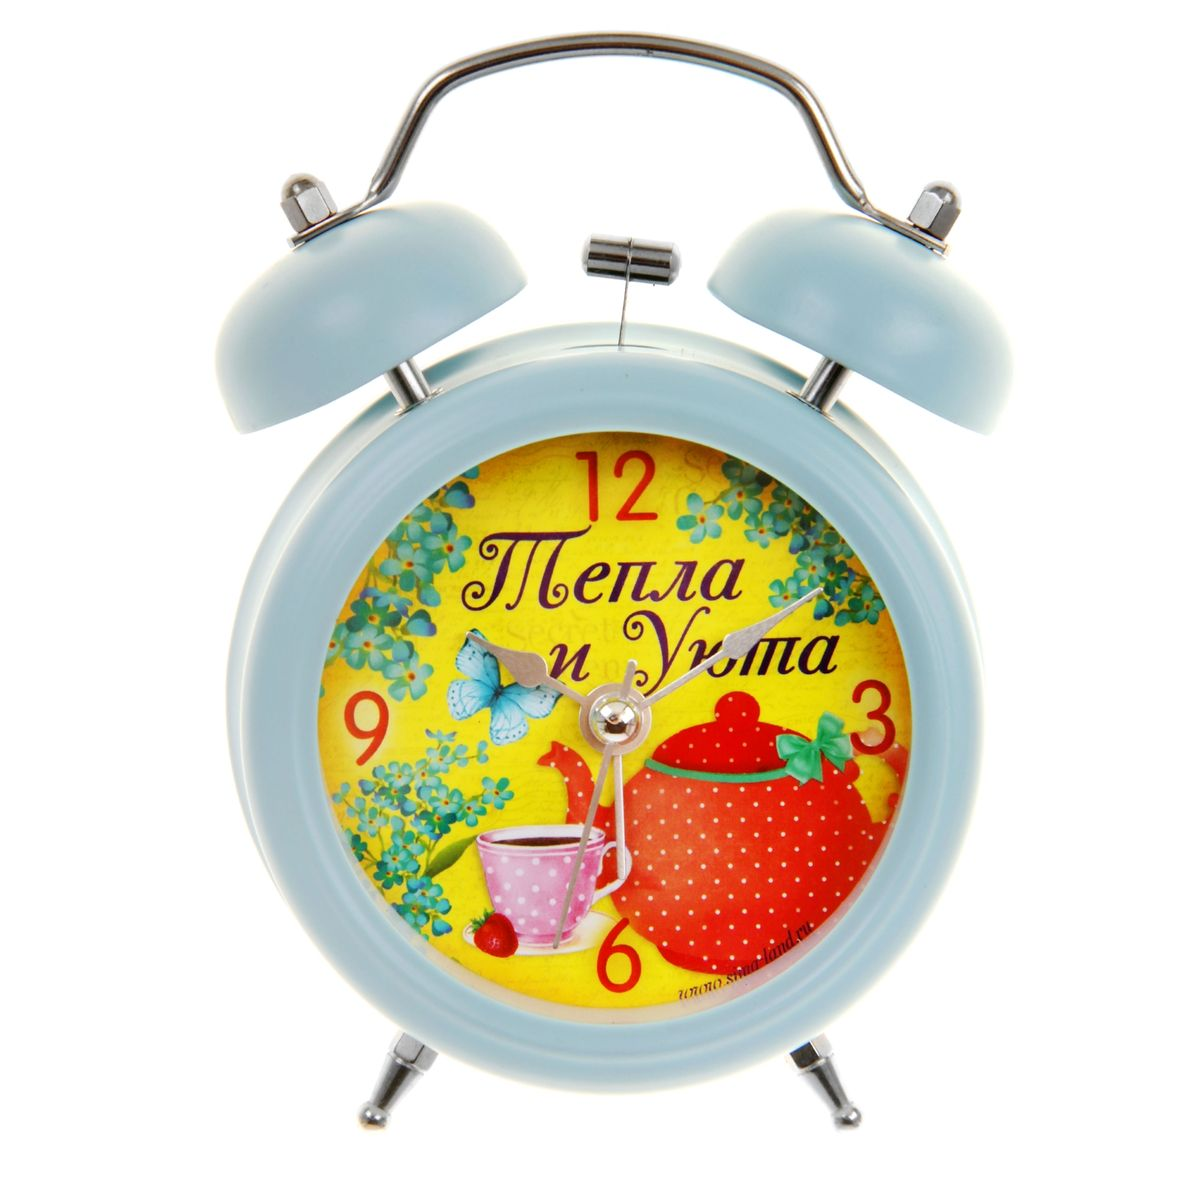 Часы-будильник Sima-land Тепла и уюта839675Как же сложно иногда вставать вовремя! Всегда так хочется поспать еще хотя бы 5 минут и бывает, что мы просыпаем. Теперь этого не случится! Яркий, оригинальный будильник Sima-land Тепла и уюта поможет вам всегда вставать в нужное время и успевать везде и всюду. Будильник украсит вашу комнату и приведет в восхищение друзей. Время показывает точно и будит в установленный час.На задней панели будильника расположены переключатель включения/выключения механизма, а также два колесика для настройки текущего времени и времени звонка будильника. Также будильник оснащен кнопкой, при нажатии и удержании которой, подсвечивается циферблат. Будильник работает от 1 батарейки типа AA напряжением 1,5V (не входит в комплект).